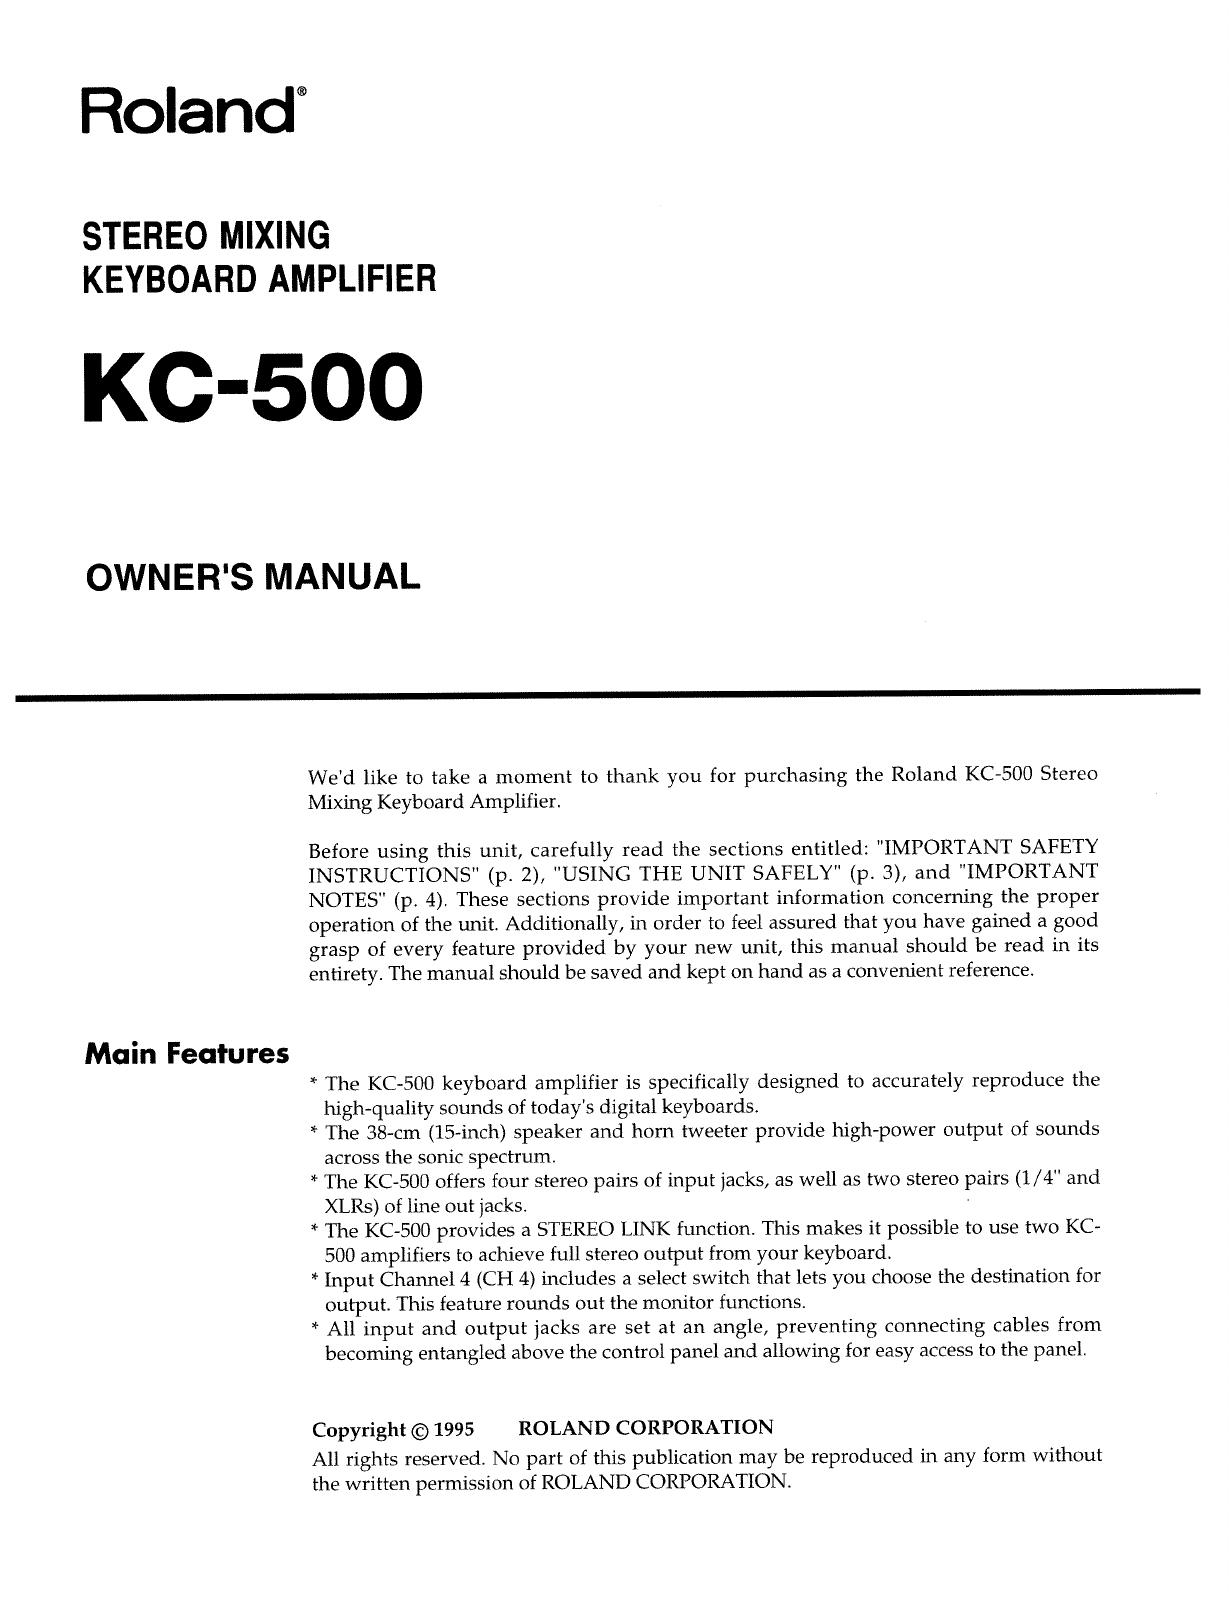 Roland Corporation KC 500 Owner's Manual Om